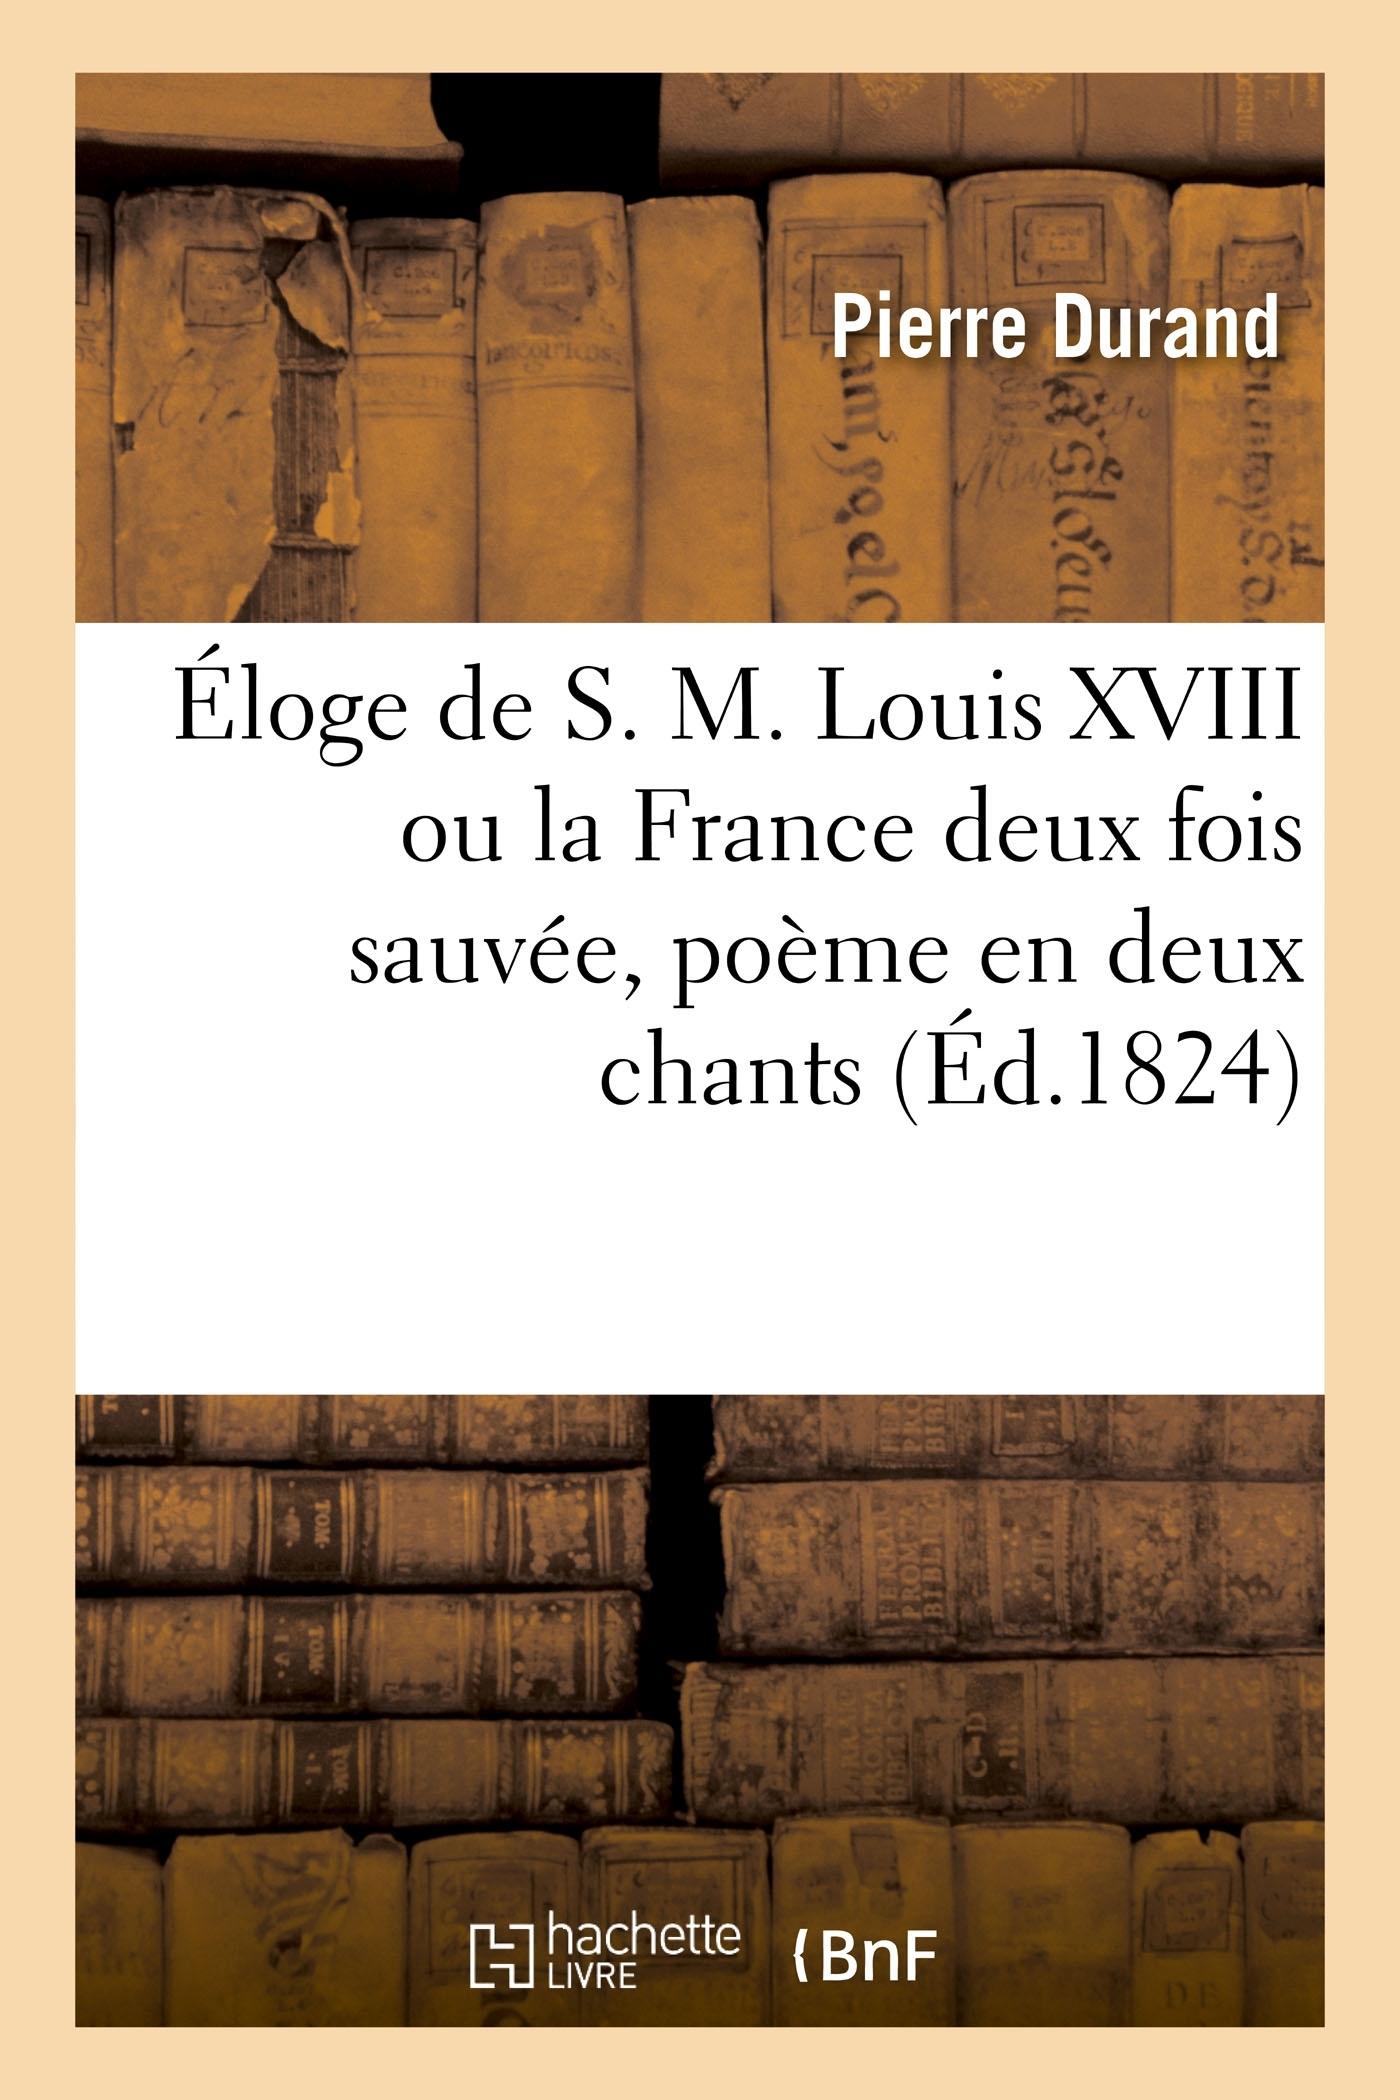 ELOGE DE S. M. LOUIS XVIII OU LA FRANCE DEUX FOIS SAUVEE, POEME EN DEUX CHANTS